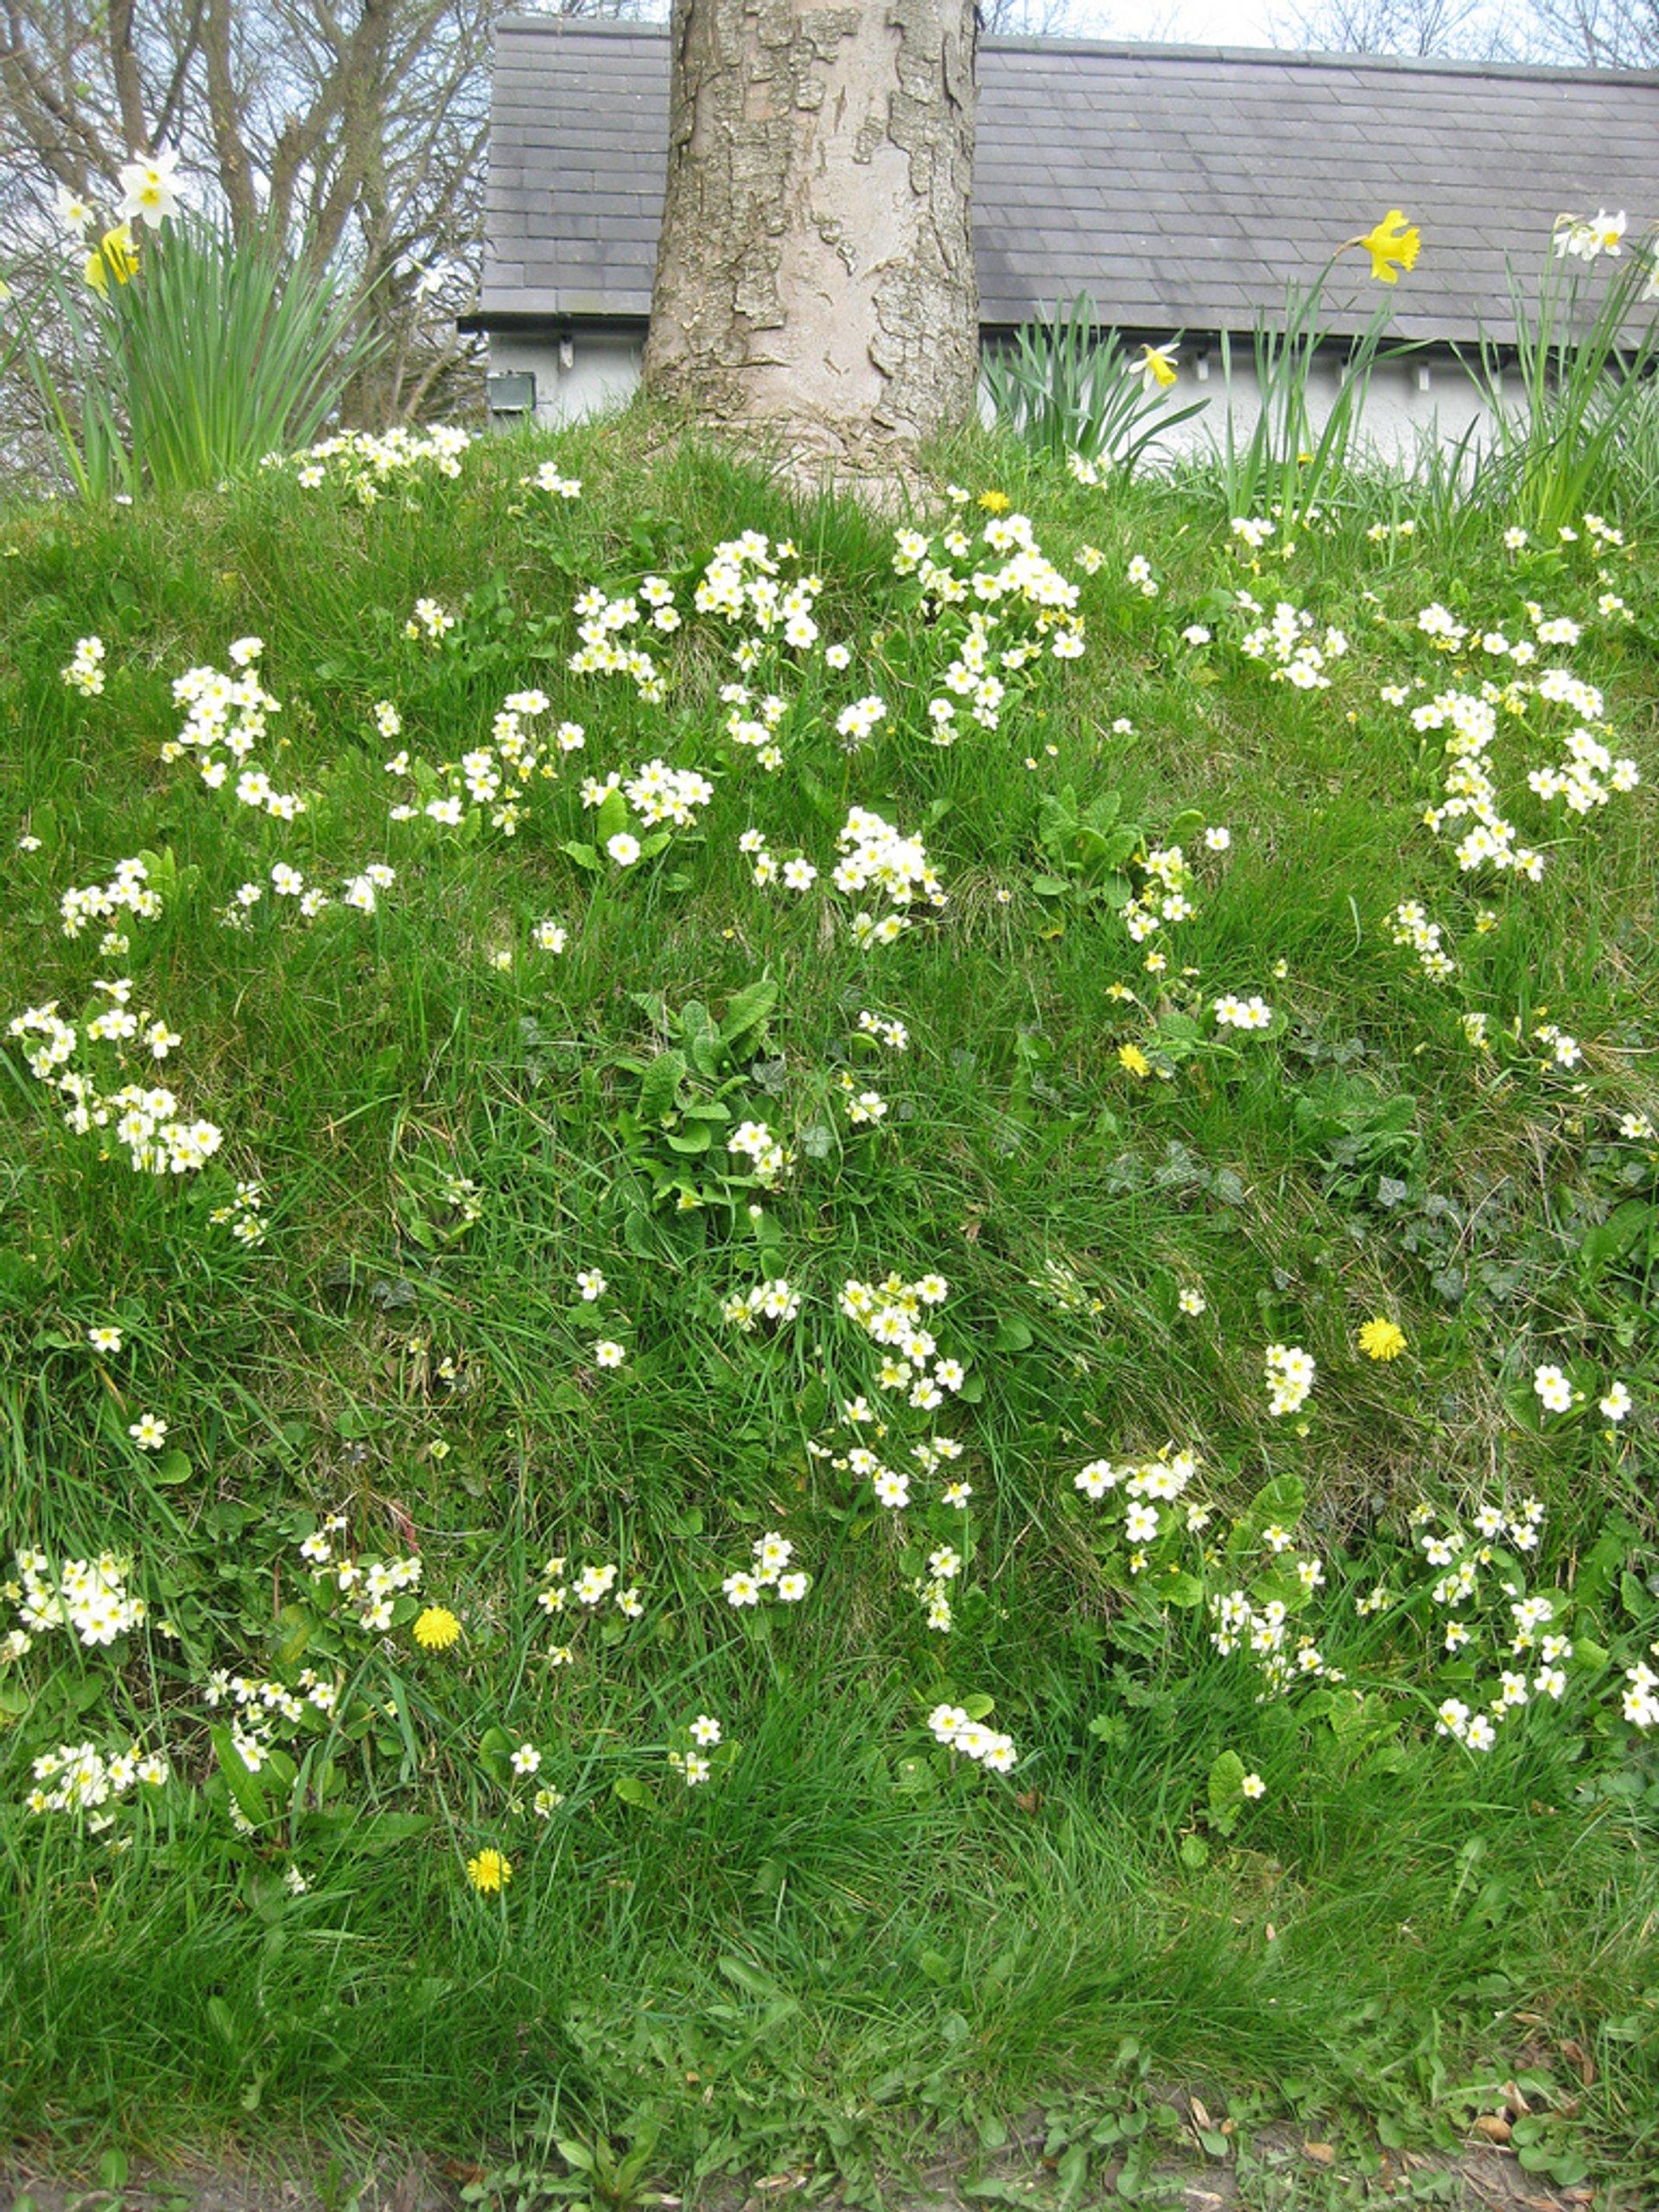 Primrose Blooming Season in Ireland - Best Season 2020